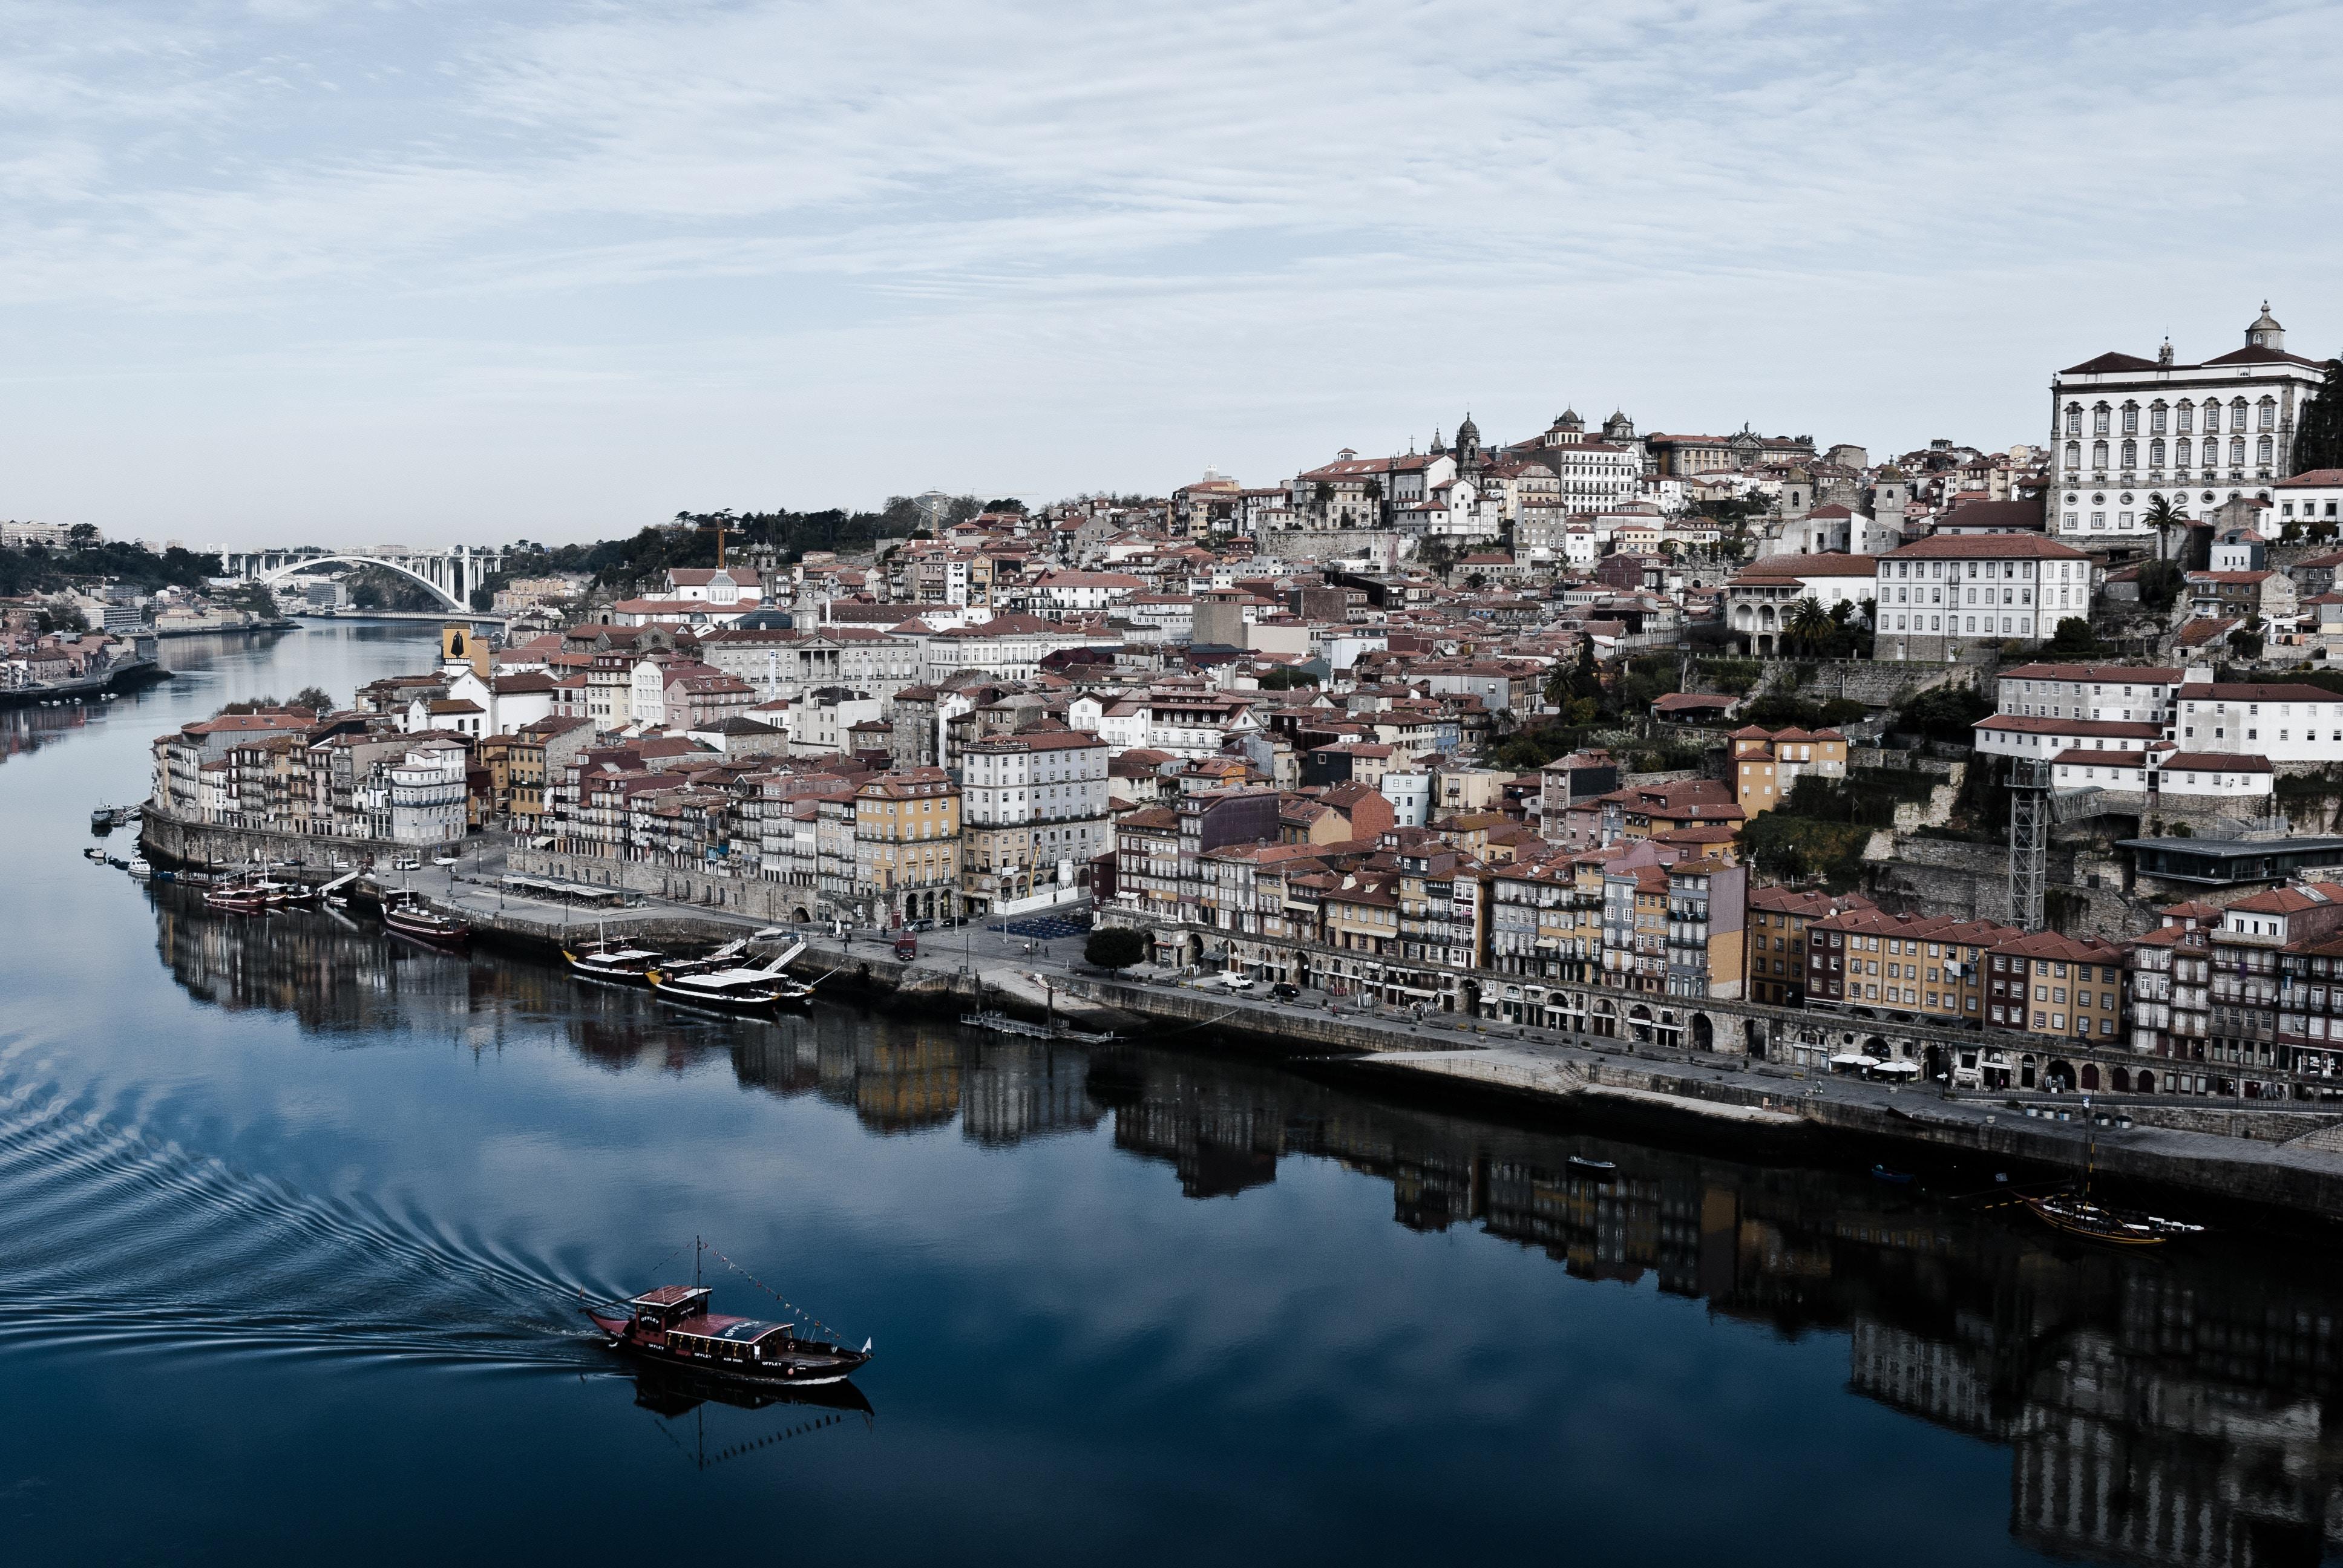 手機的62142屏保和壁紙建筑。 免費下載 葡萄牙, 港口, 支撑, 海岸, 建筑物, 建筑, 城市 圖片